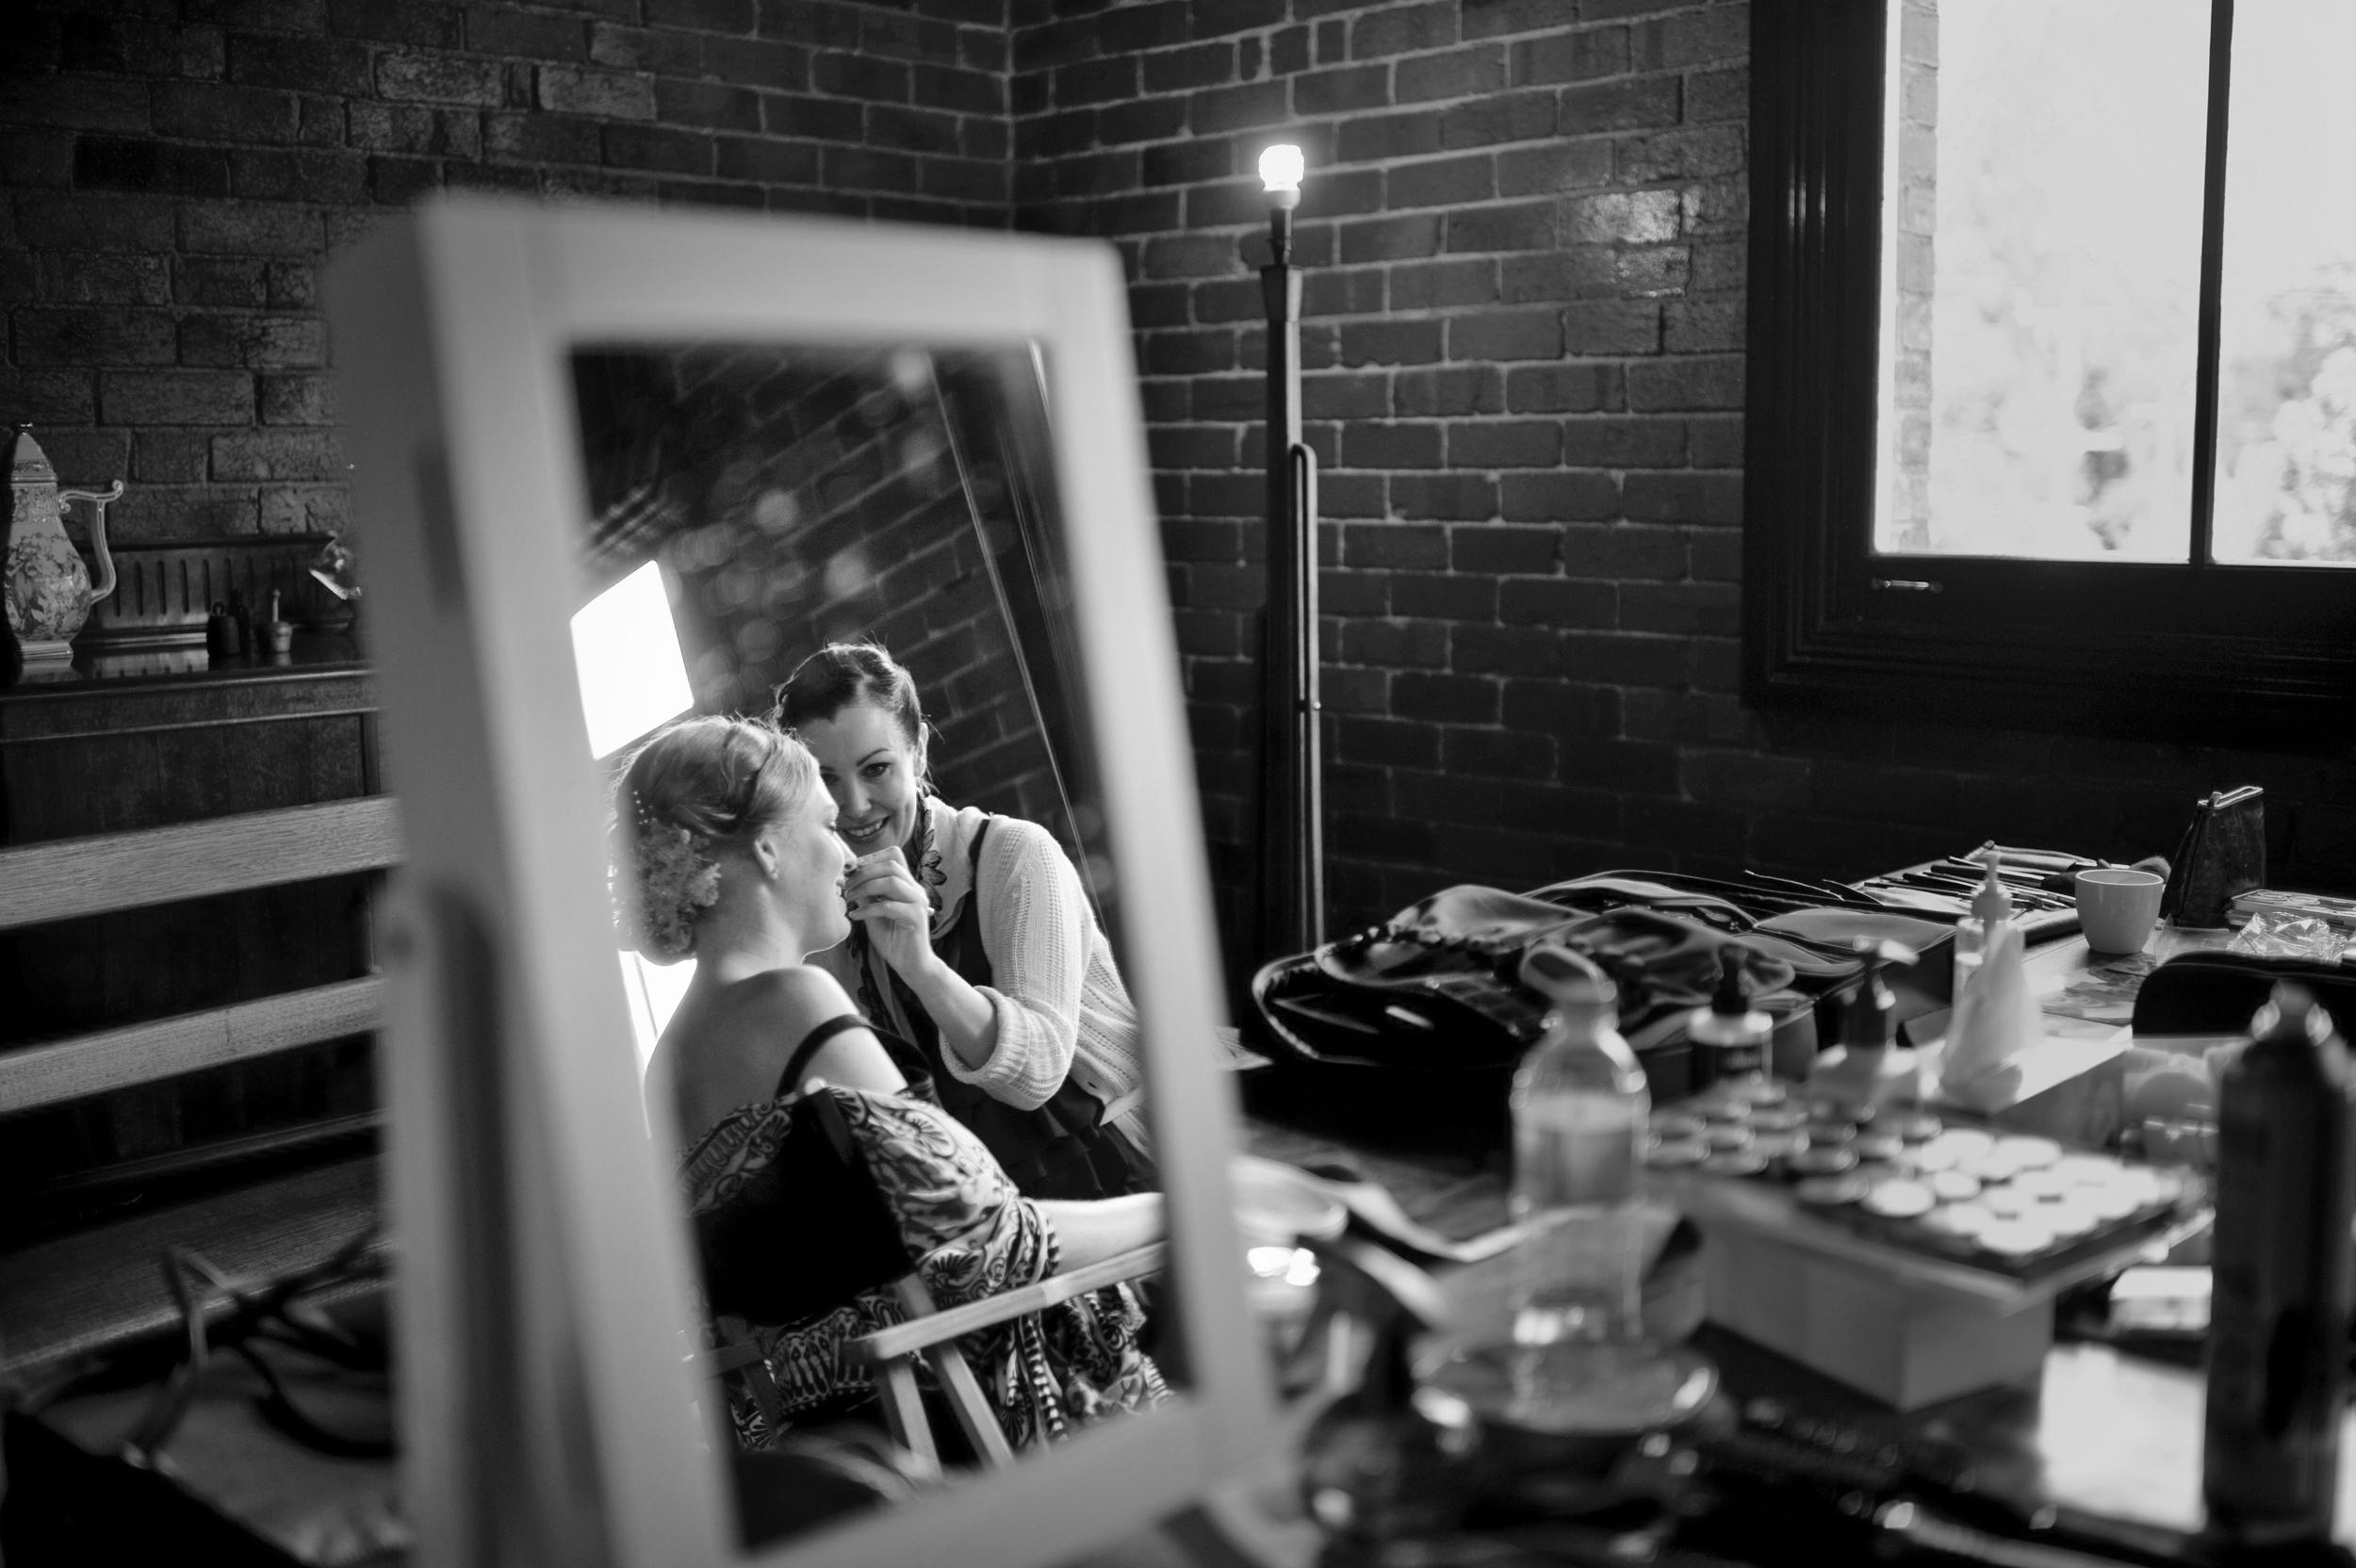 euroa_butter_factory_wedding_photography_50.jpg